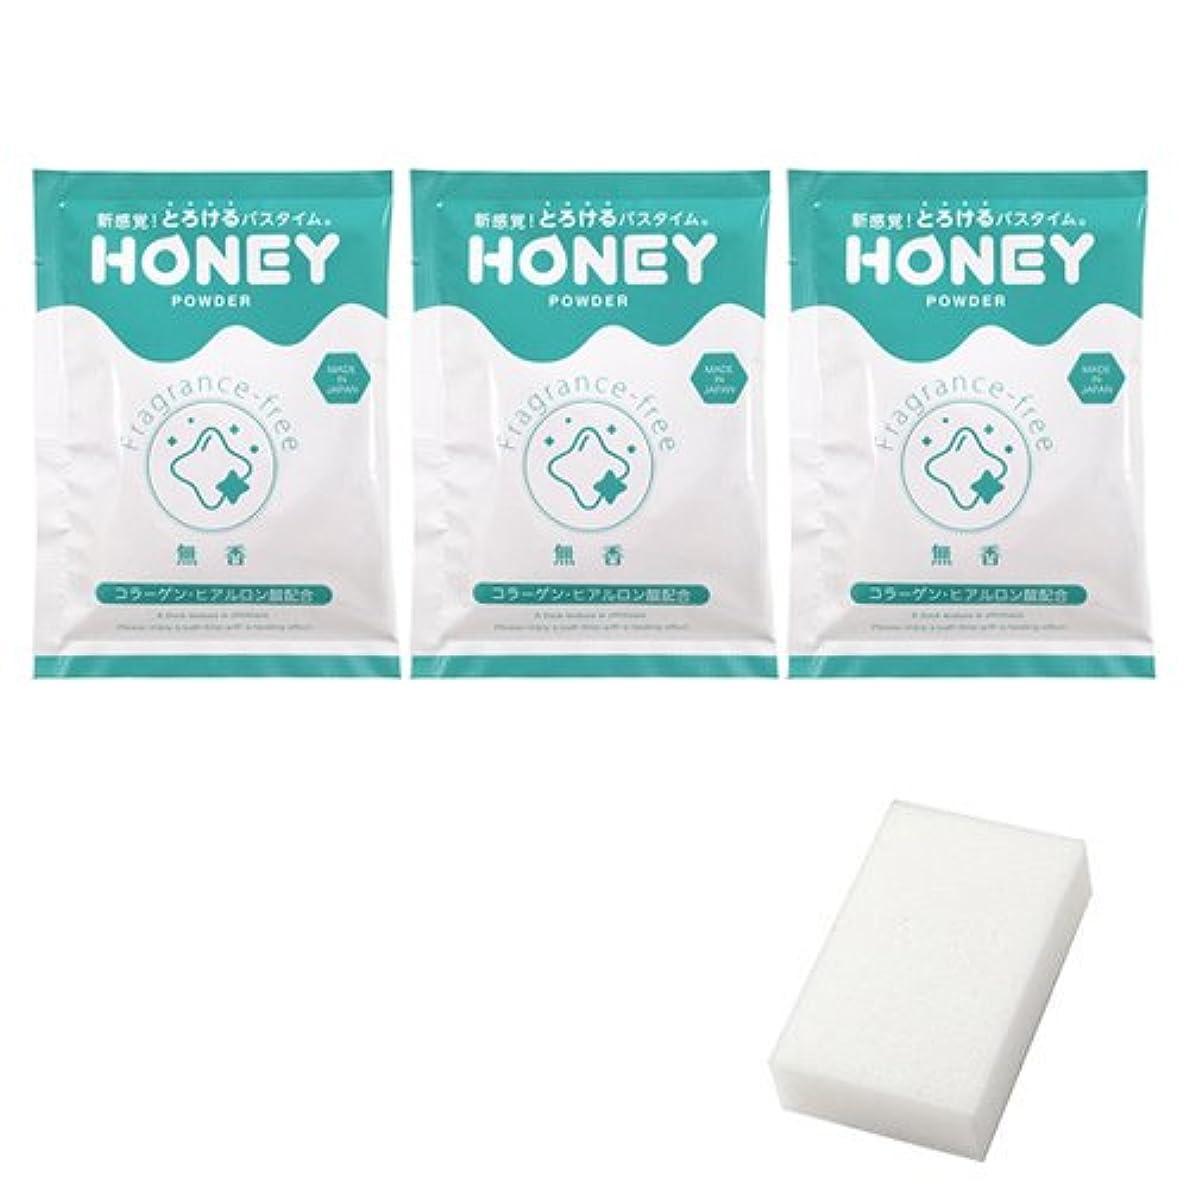 博覧会増強特徴づけるとろとろ入浴剤【honey powder】(ハニーパウダー) 無香タイプ 3個セット + 圧縮スポンジセット